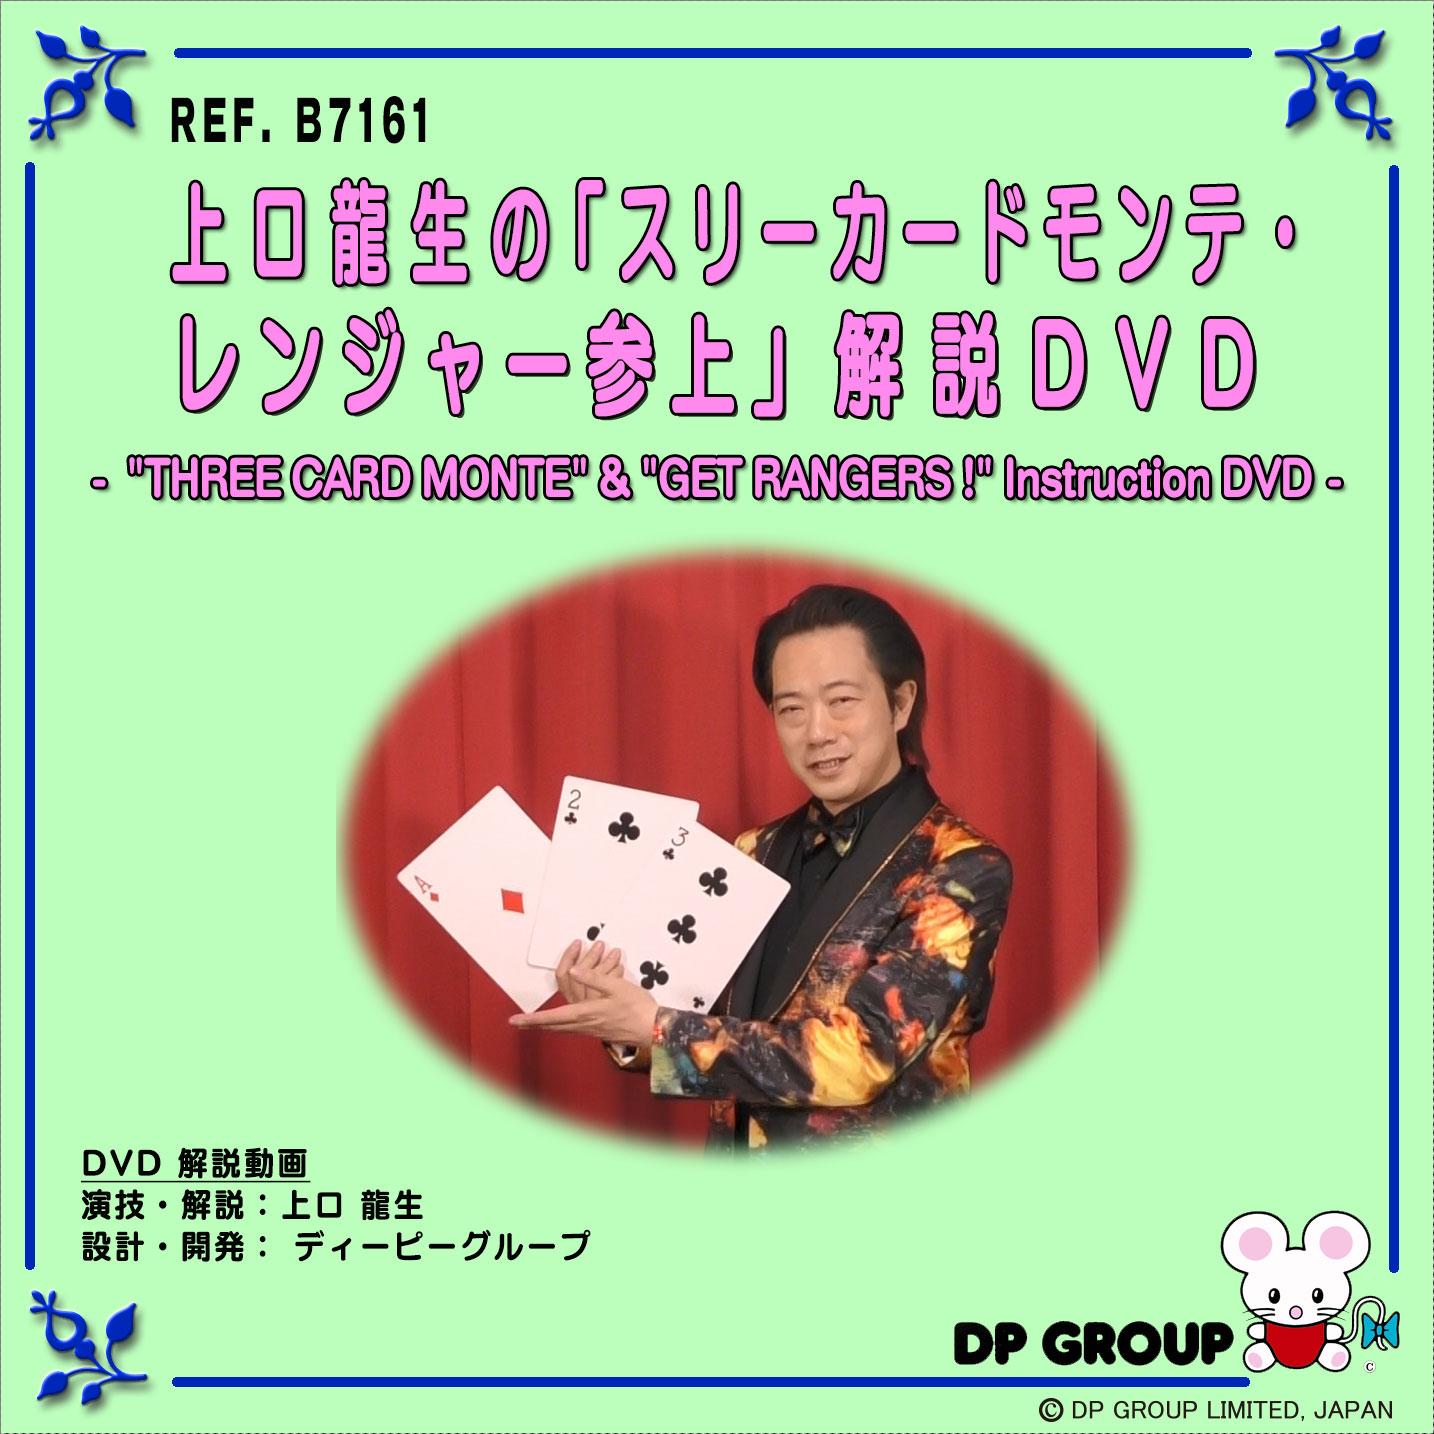 B7161 上口龍生の「スリーカードモンテ・レンジャー参上」解説DVD